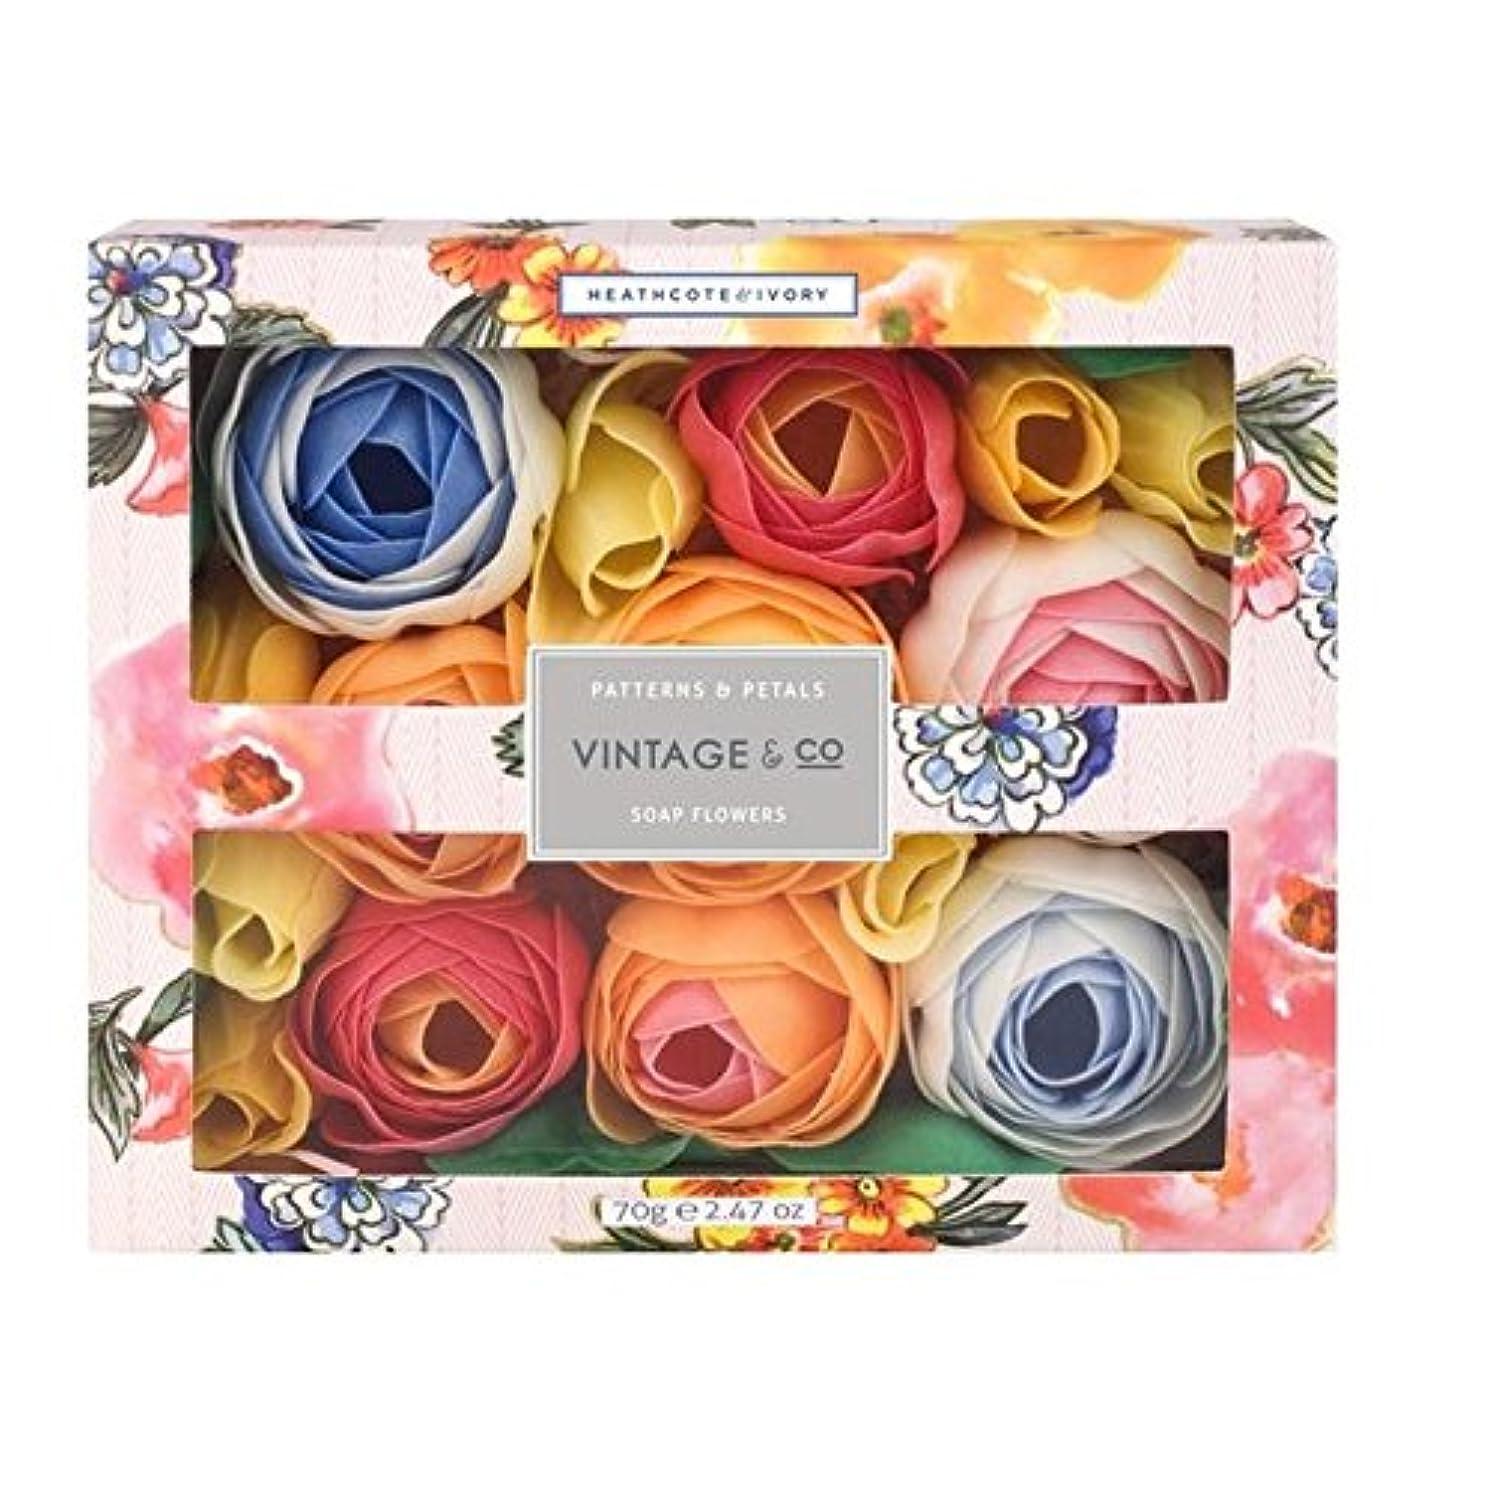 原理平日努力するヒースコート&アイボリーパターン&花びら石鹸の花70グラム x2 - Heathcote & Ivory Patterns & Petals Soap Flowers 70g (Pack of 2) [並行輸入品]